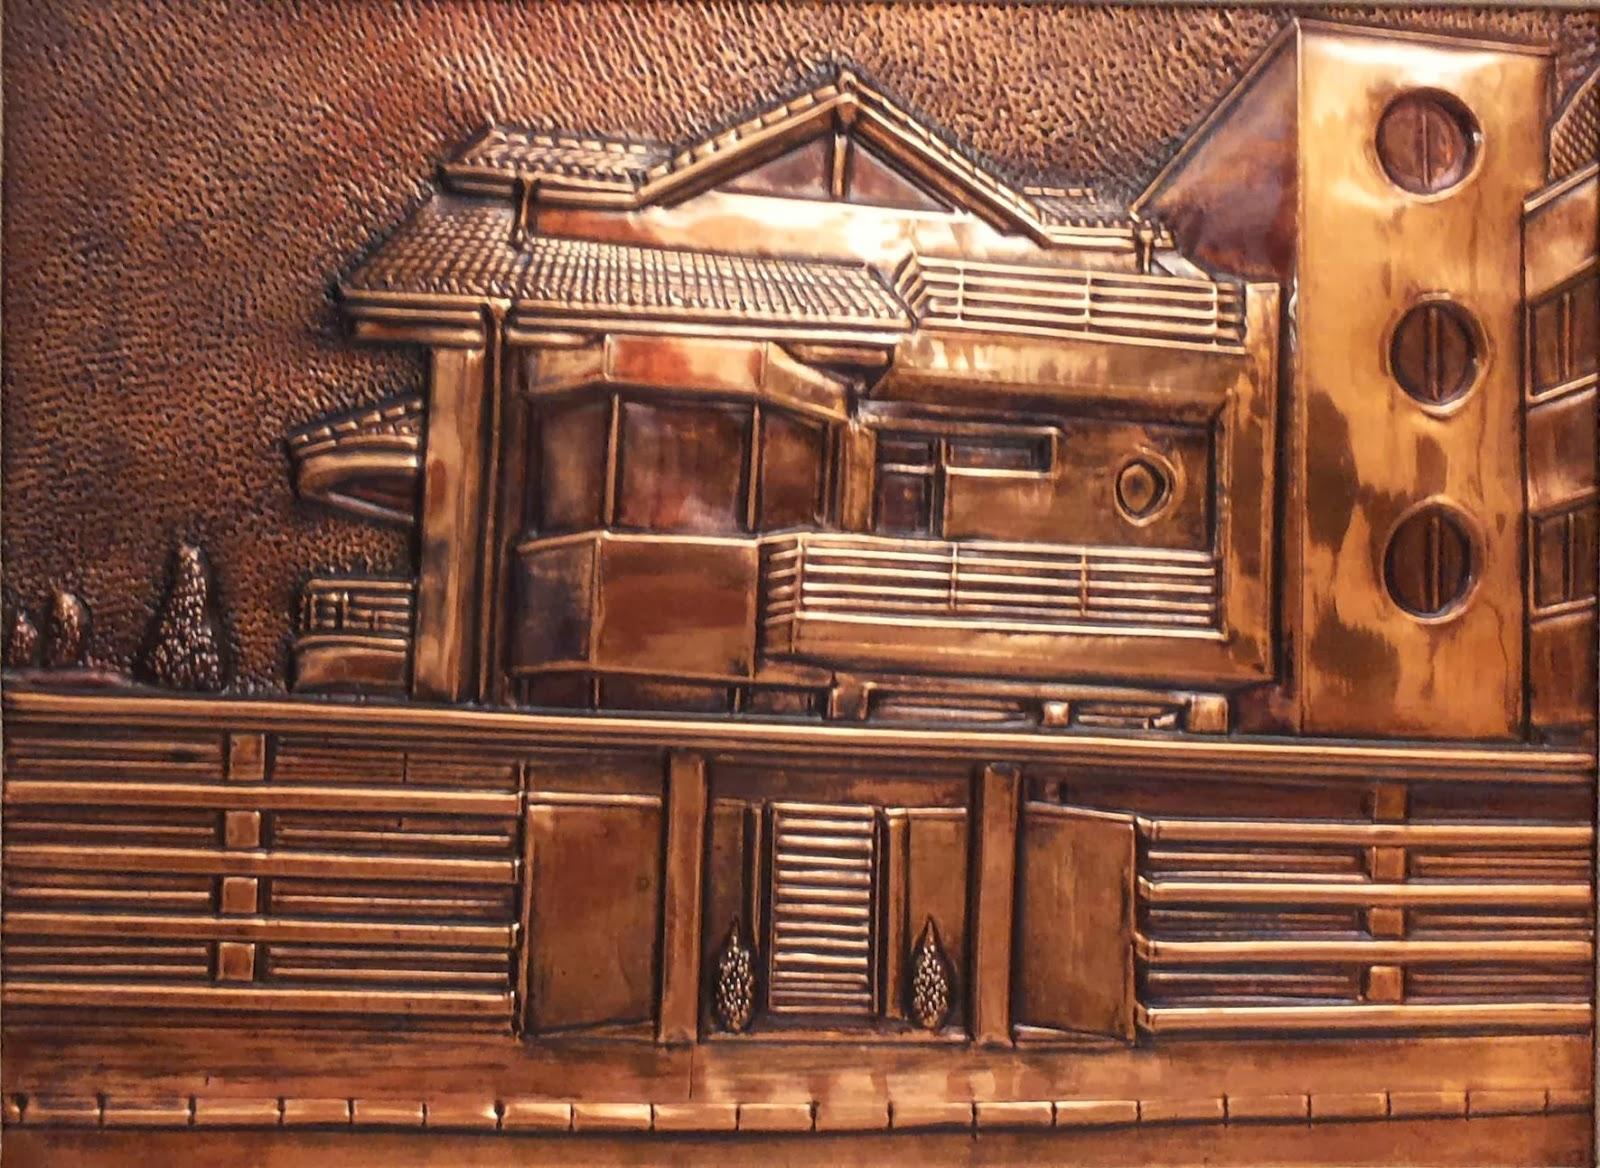 metalloplasie, metaloplastia, metaloplastie, modelarea tablei, métalloplastique, tablouri pe tabla de cupru, tablou, arta plastice, lucru manual,